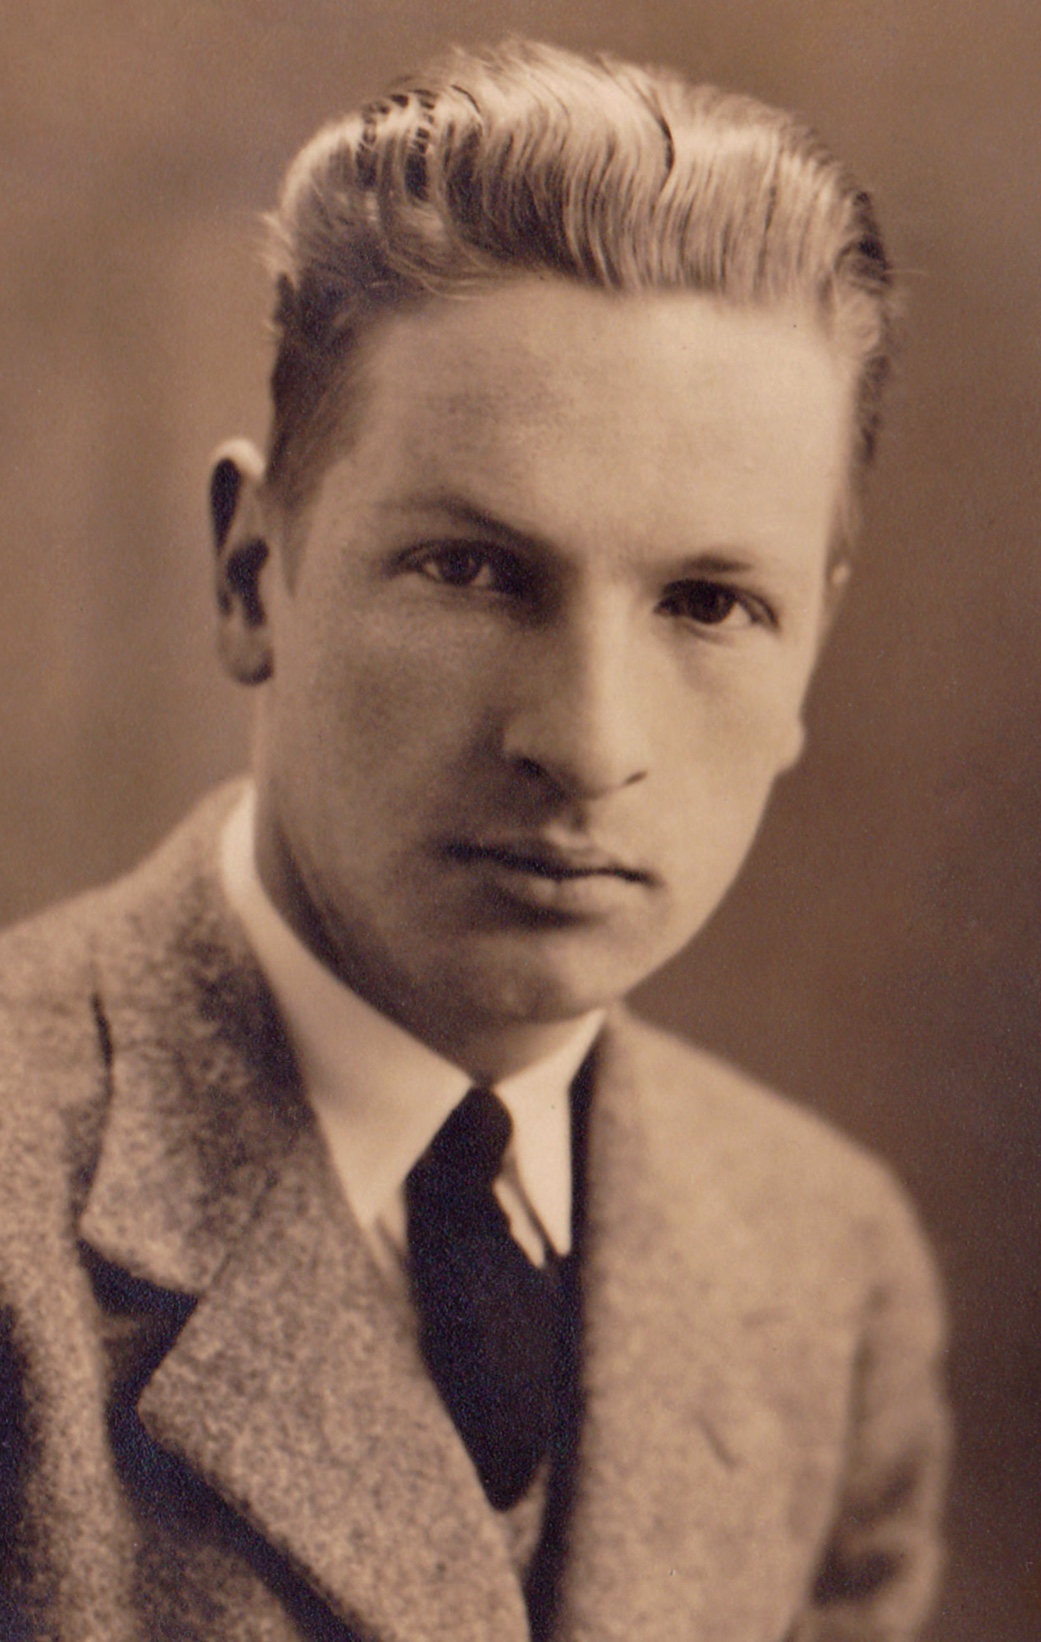 Eduard Hellendoorn